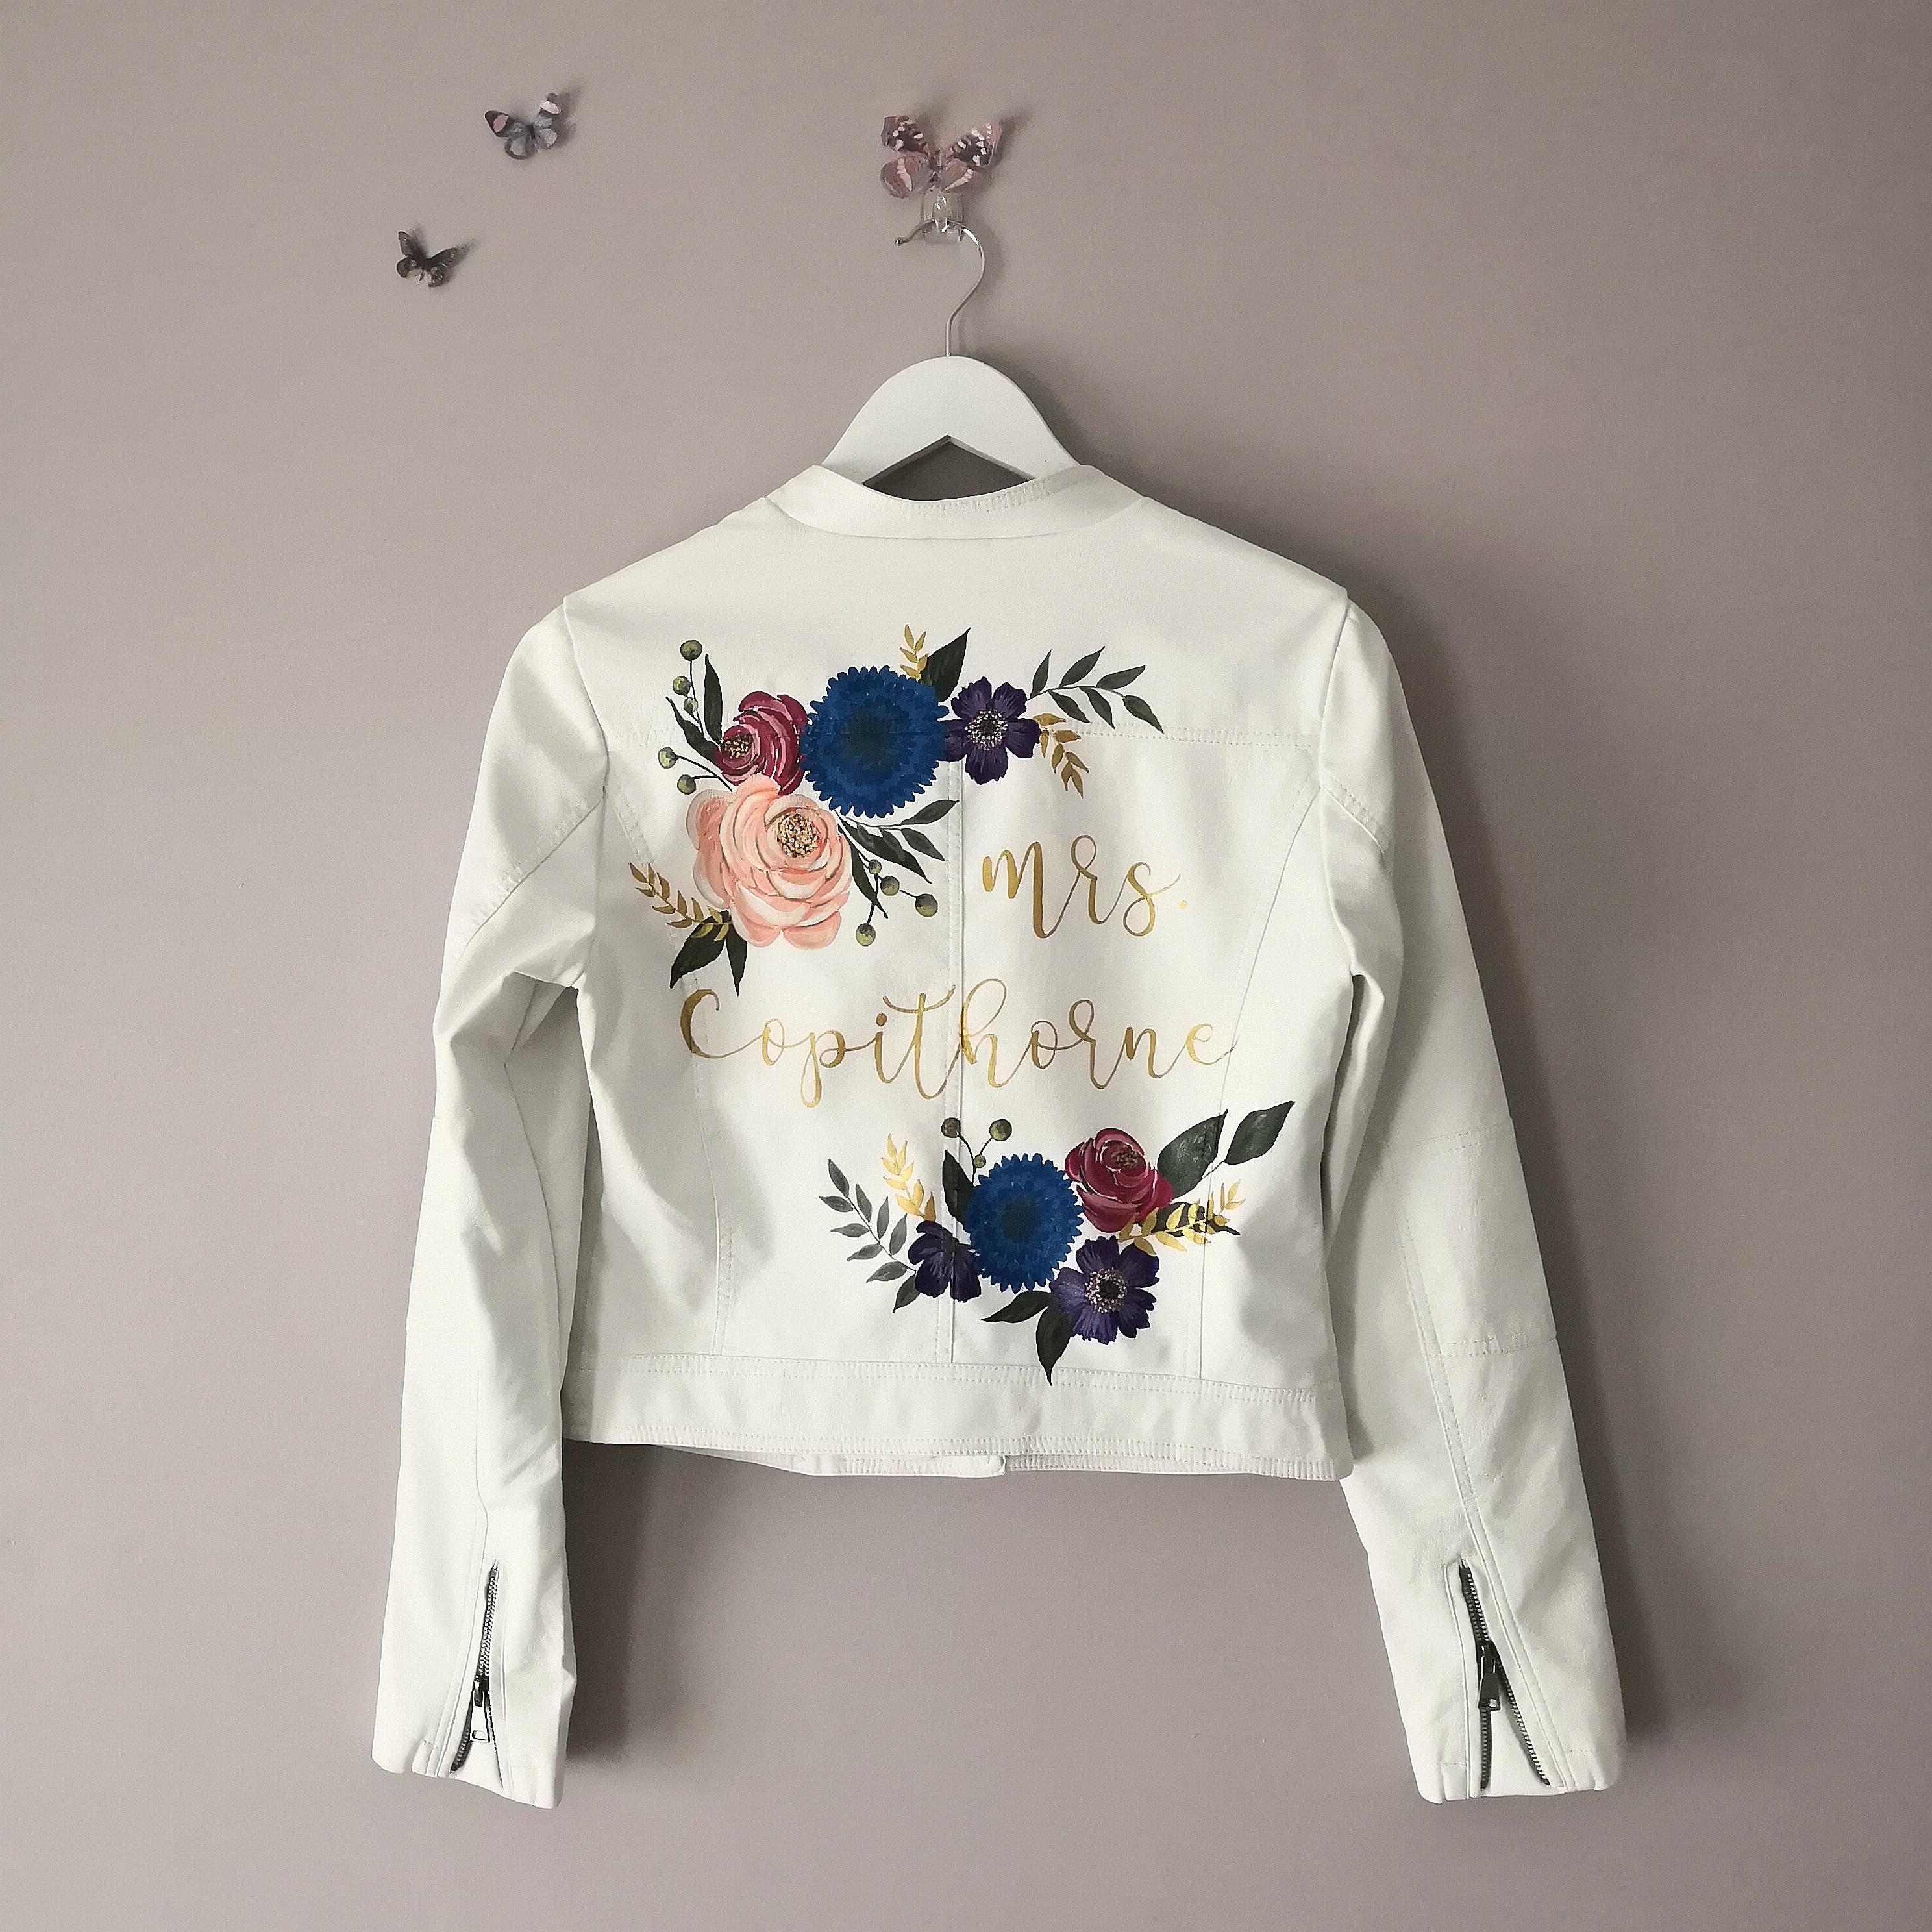 Wedding Dress White Leather Jacket: Wedding Denim Jacket Hand Painted Calligraphy Bespoke UK